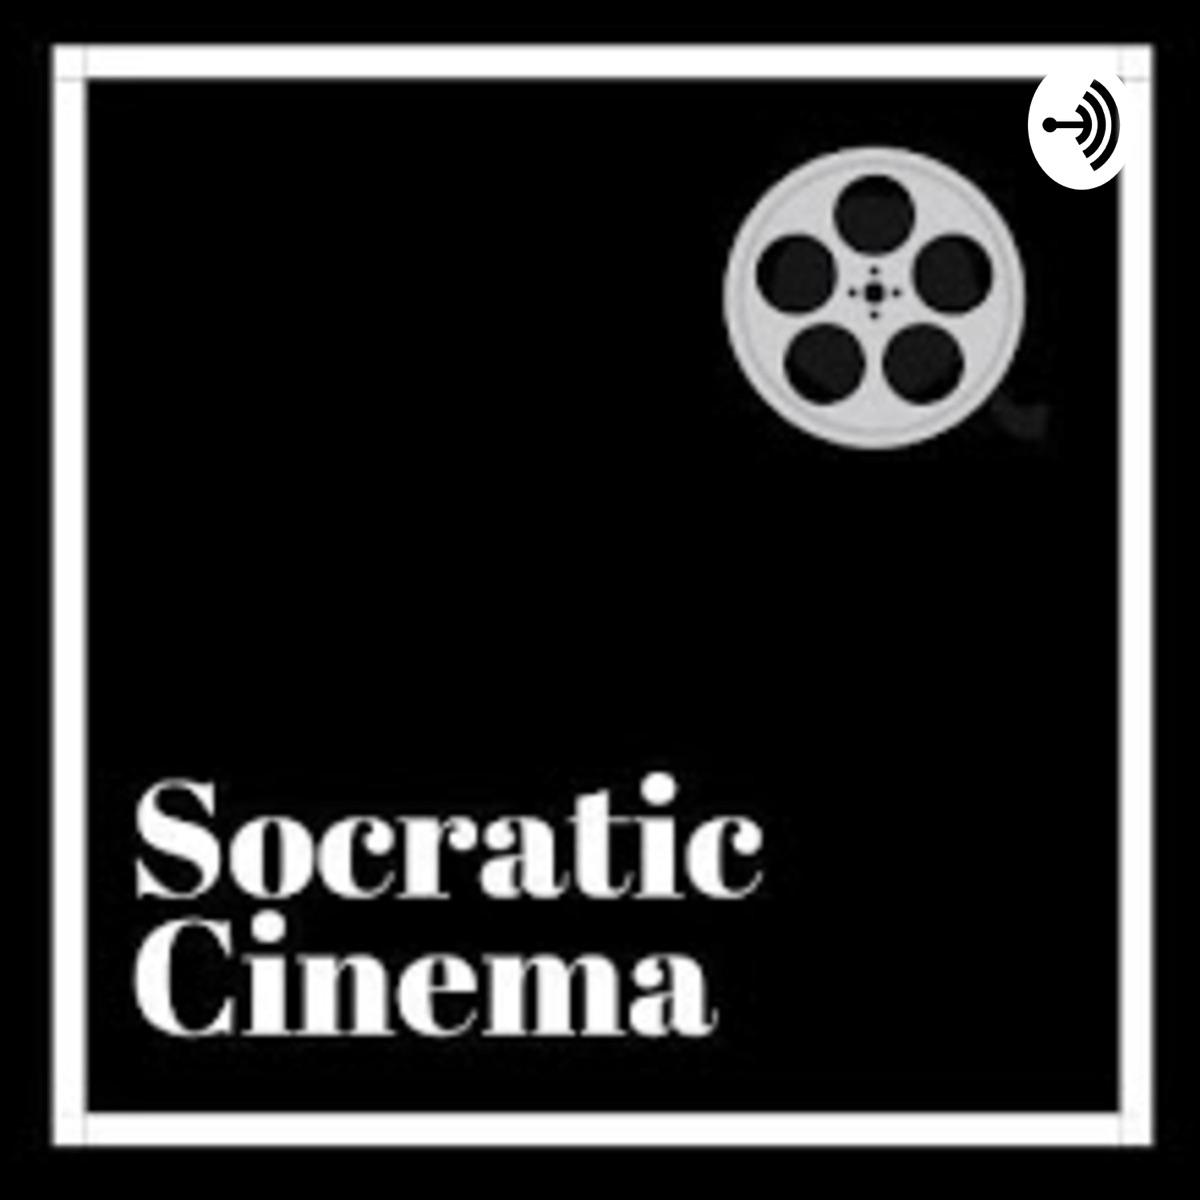 Socratic Cinema